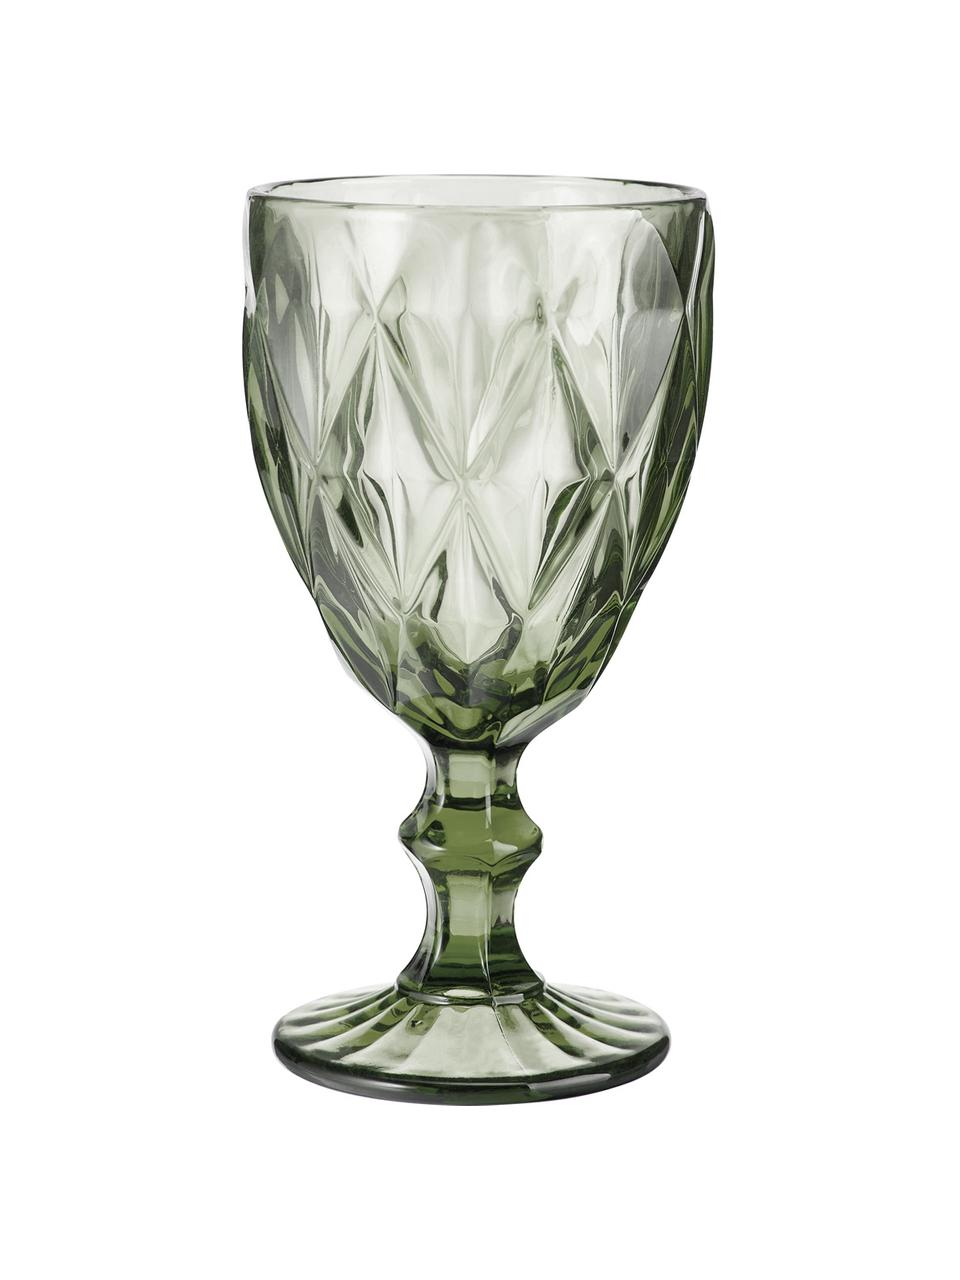 Komplet kieliszków do wina Colorado, 4 elem.., Szkło, Wielobarwny, Ø 9 x W 17 cm